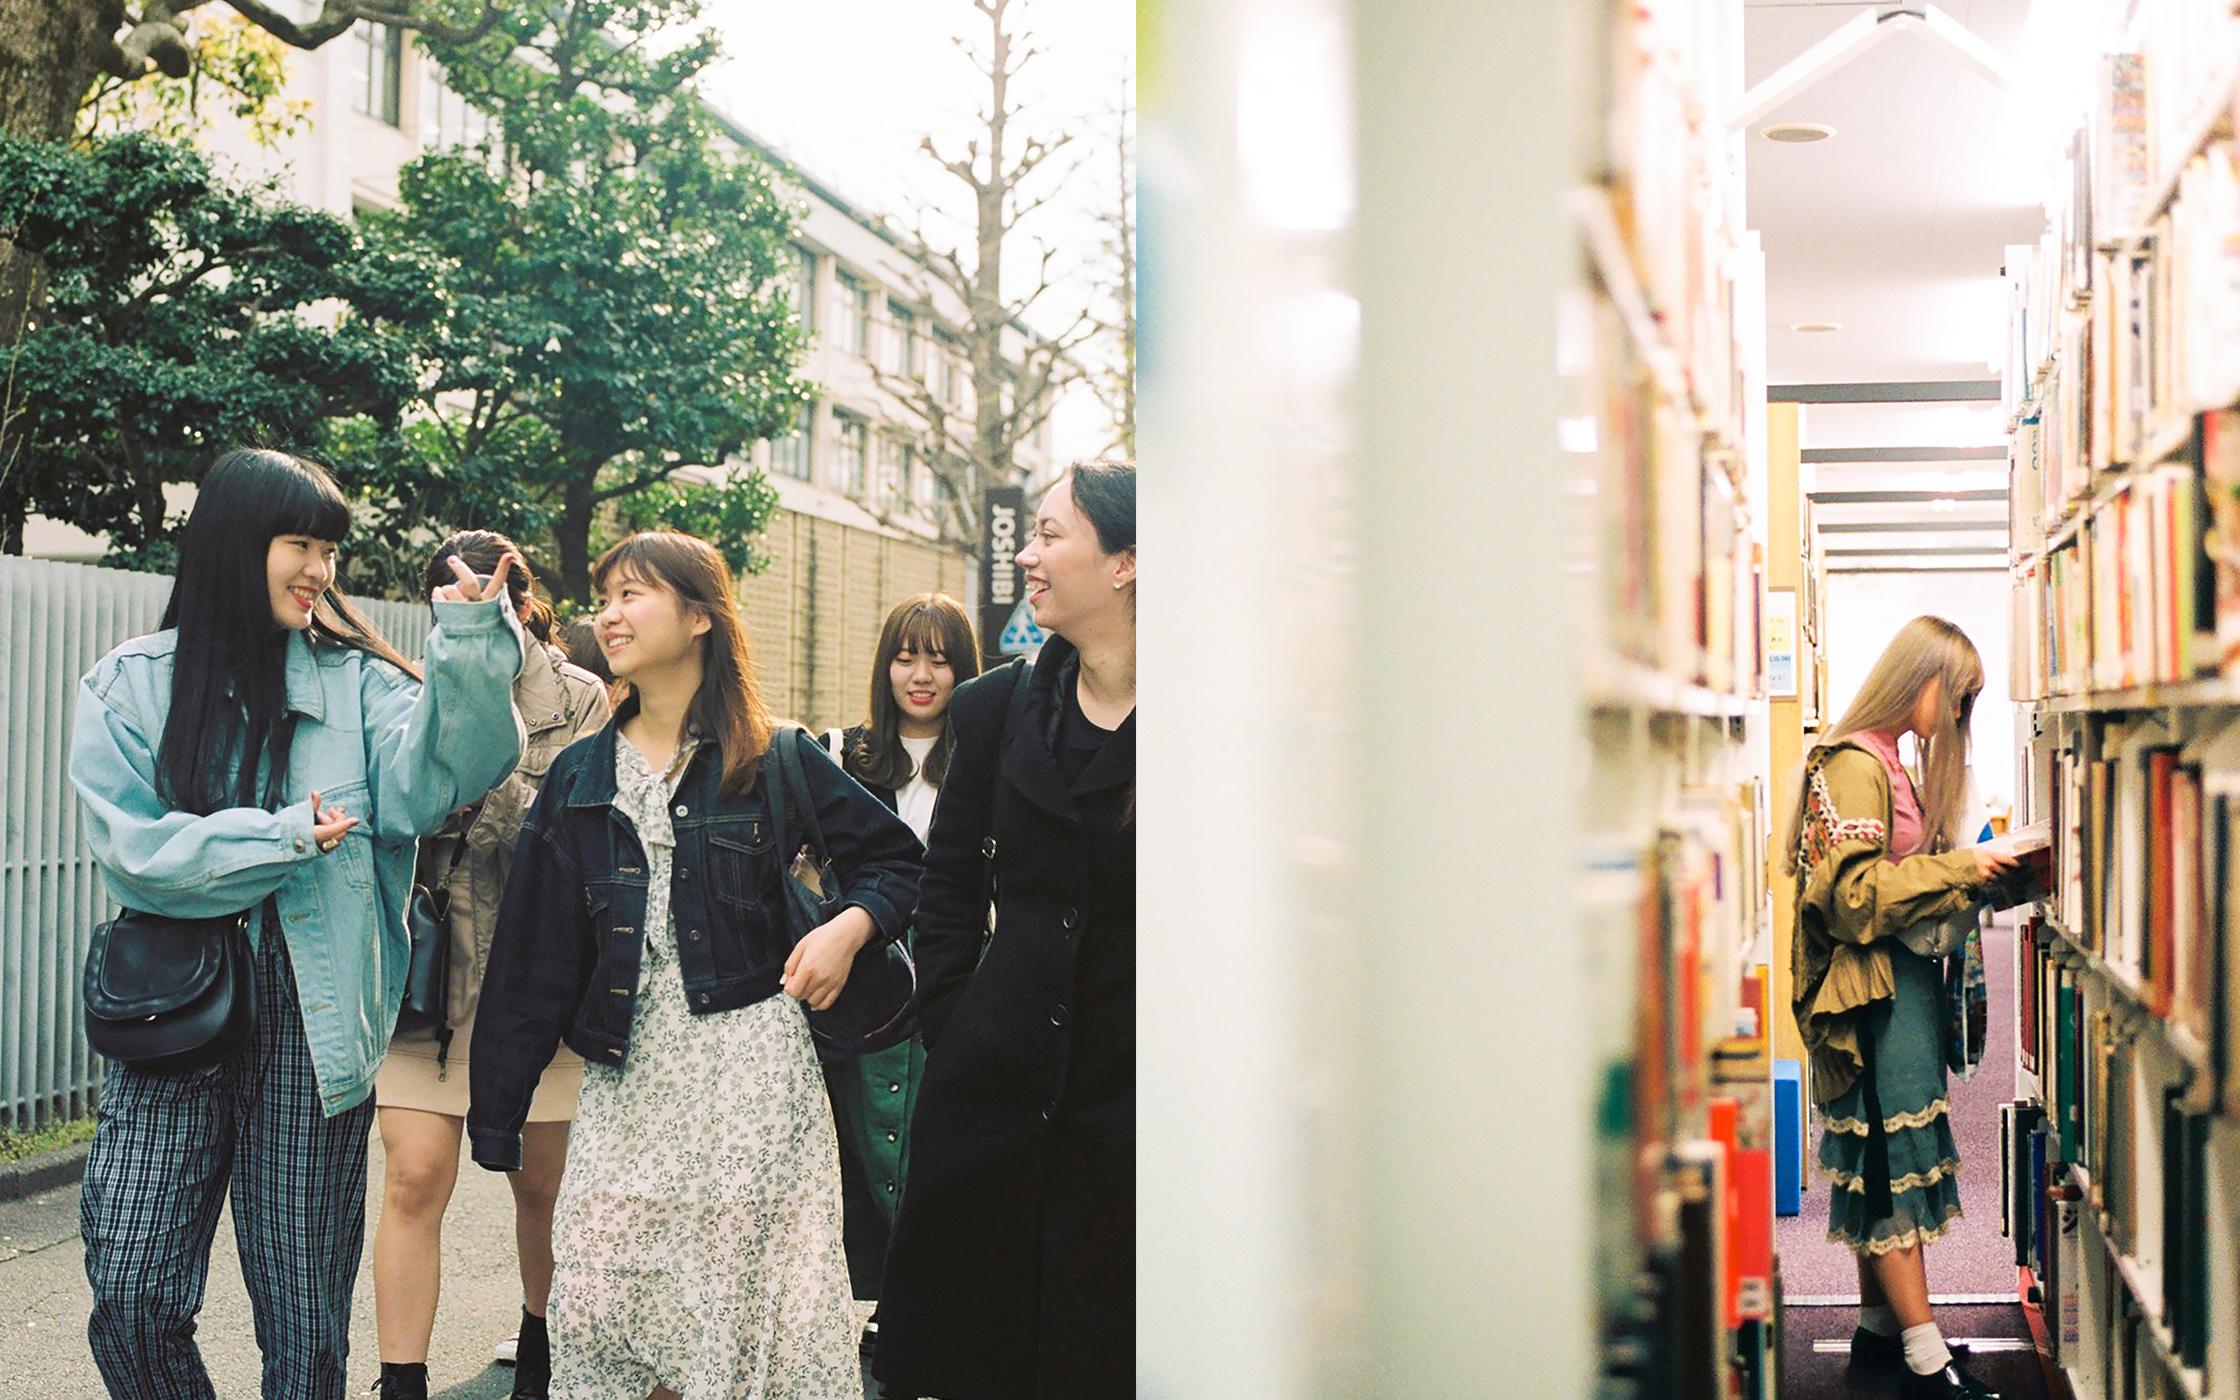 女子 美術 大学 女子美術大学出身の有名人 みんなの大学情報